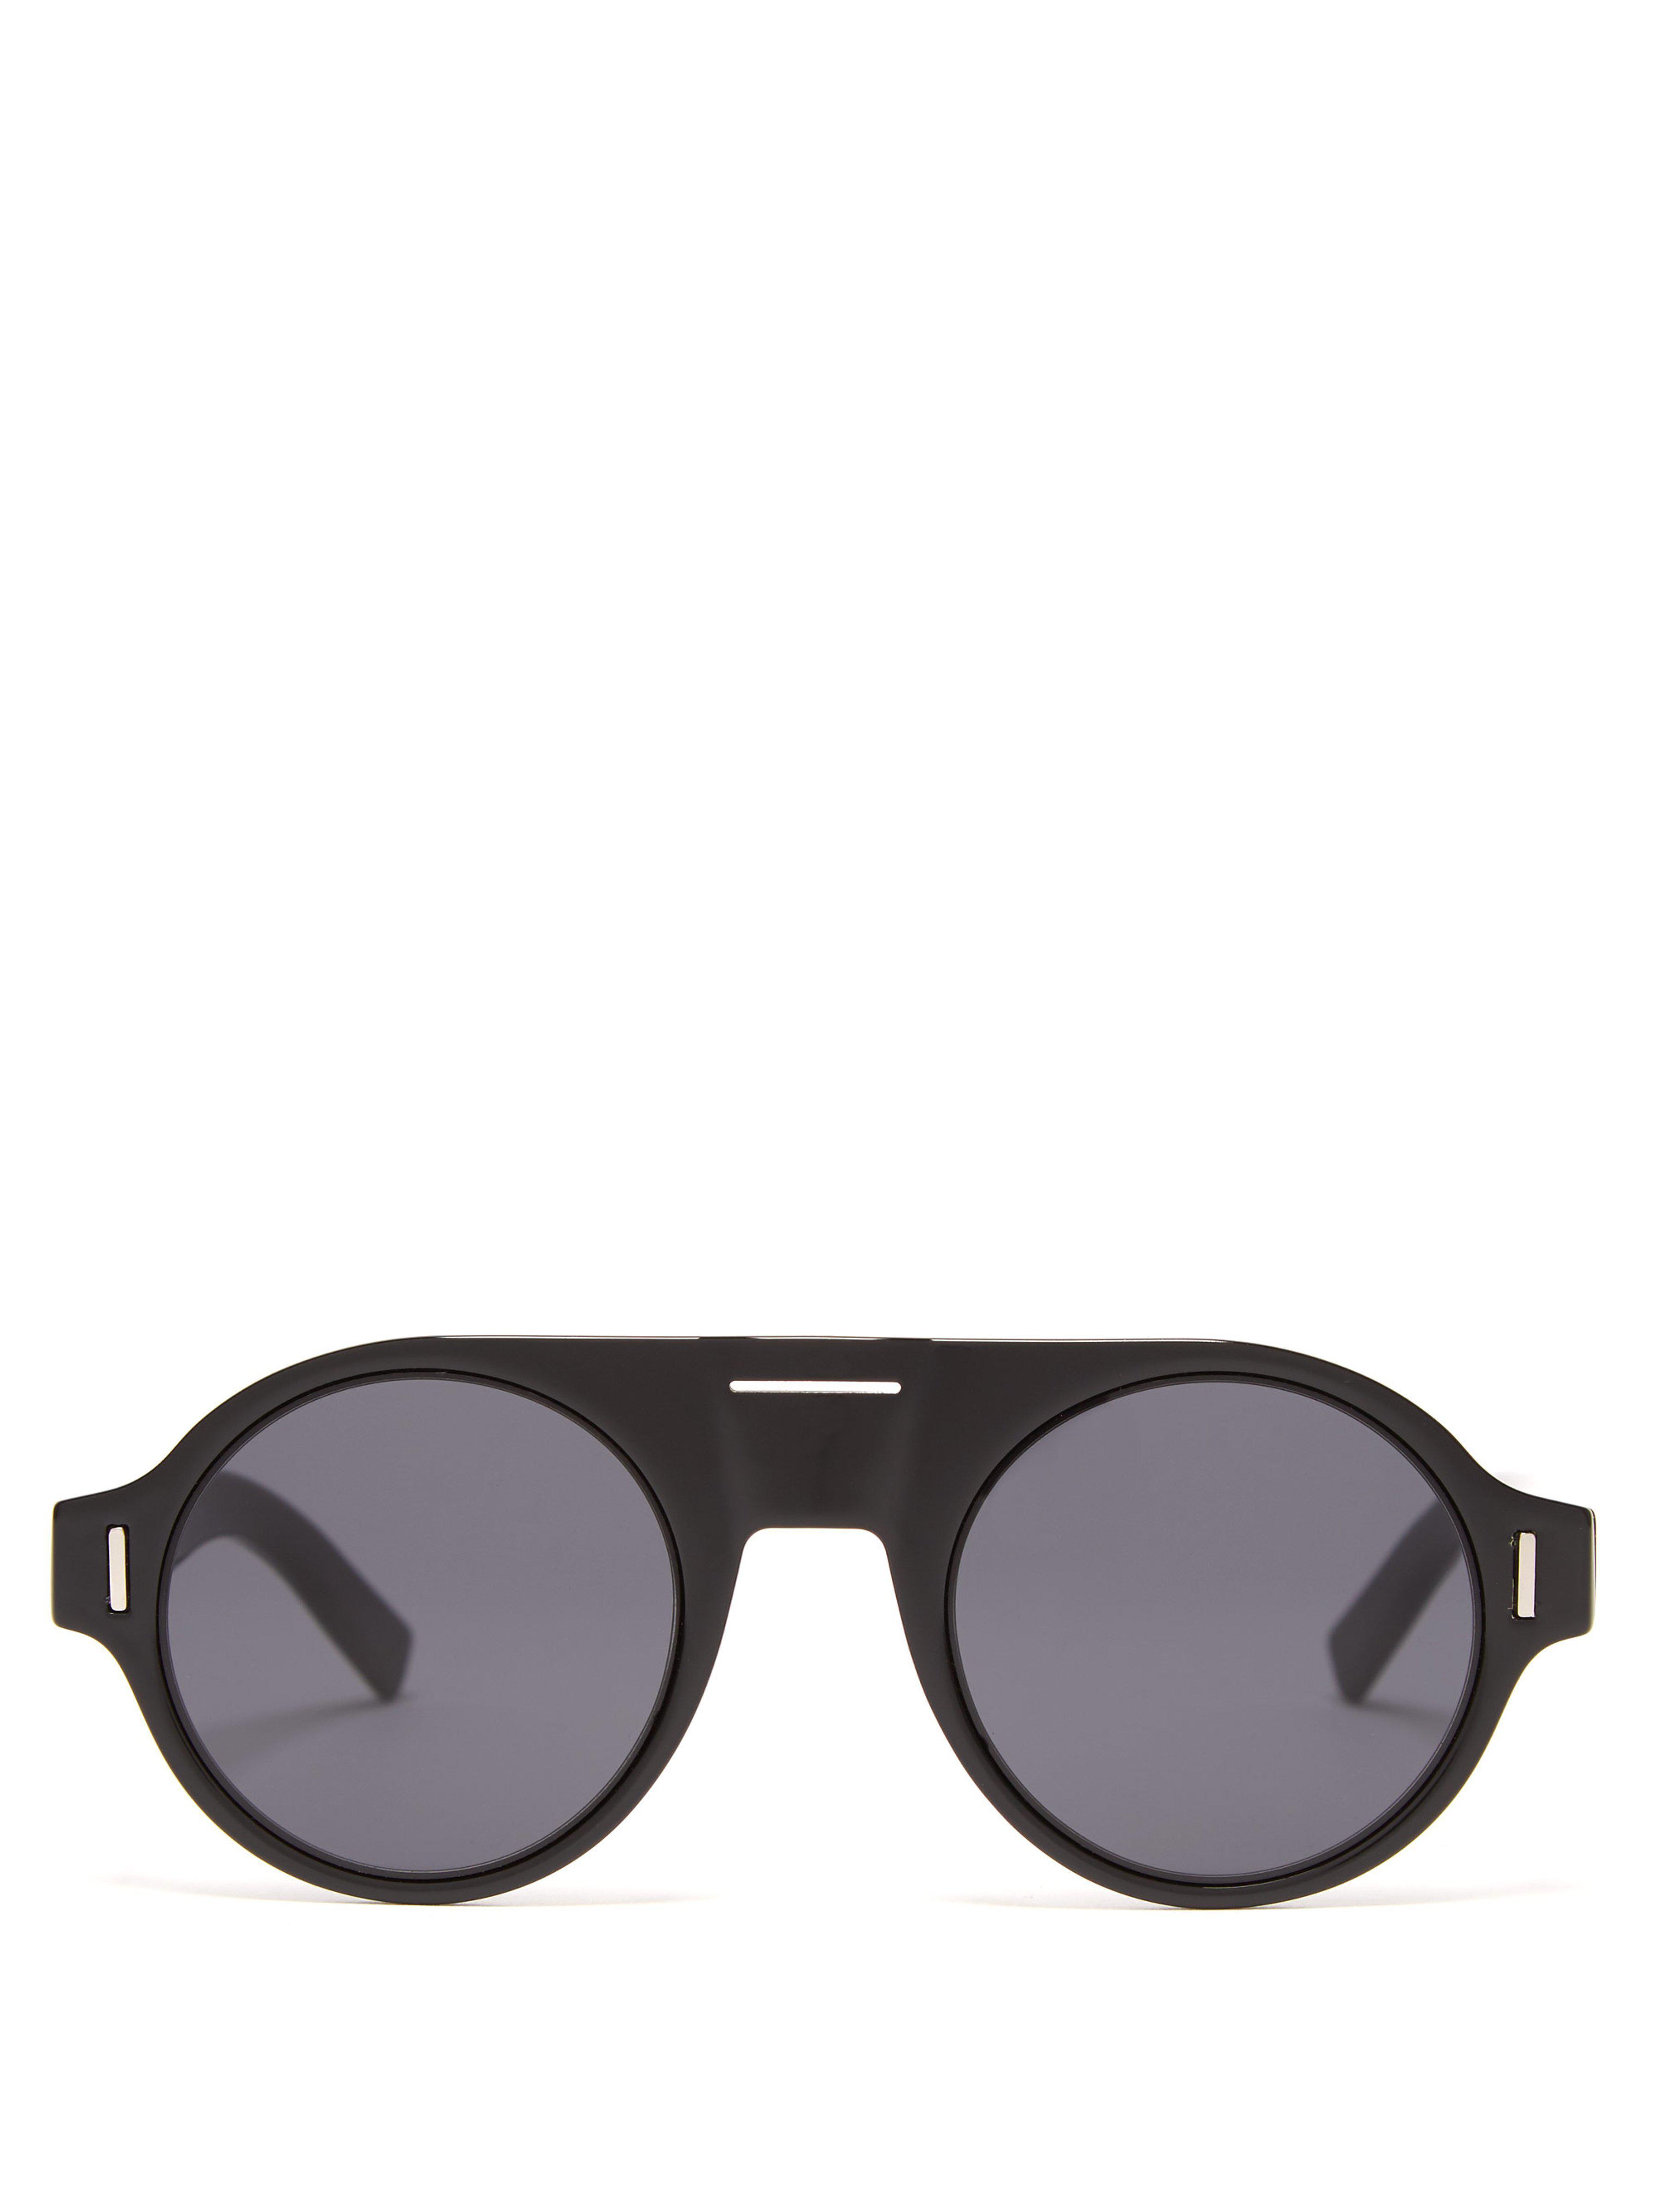 bfcc33bdad1e69 Lyst - Lunettes de soleil rondes en acétate DiorFraction2 Dior Homme ...